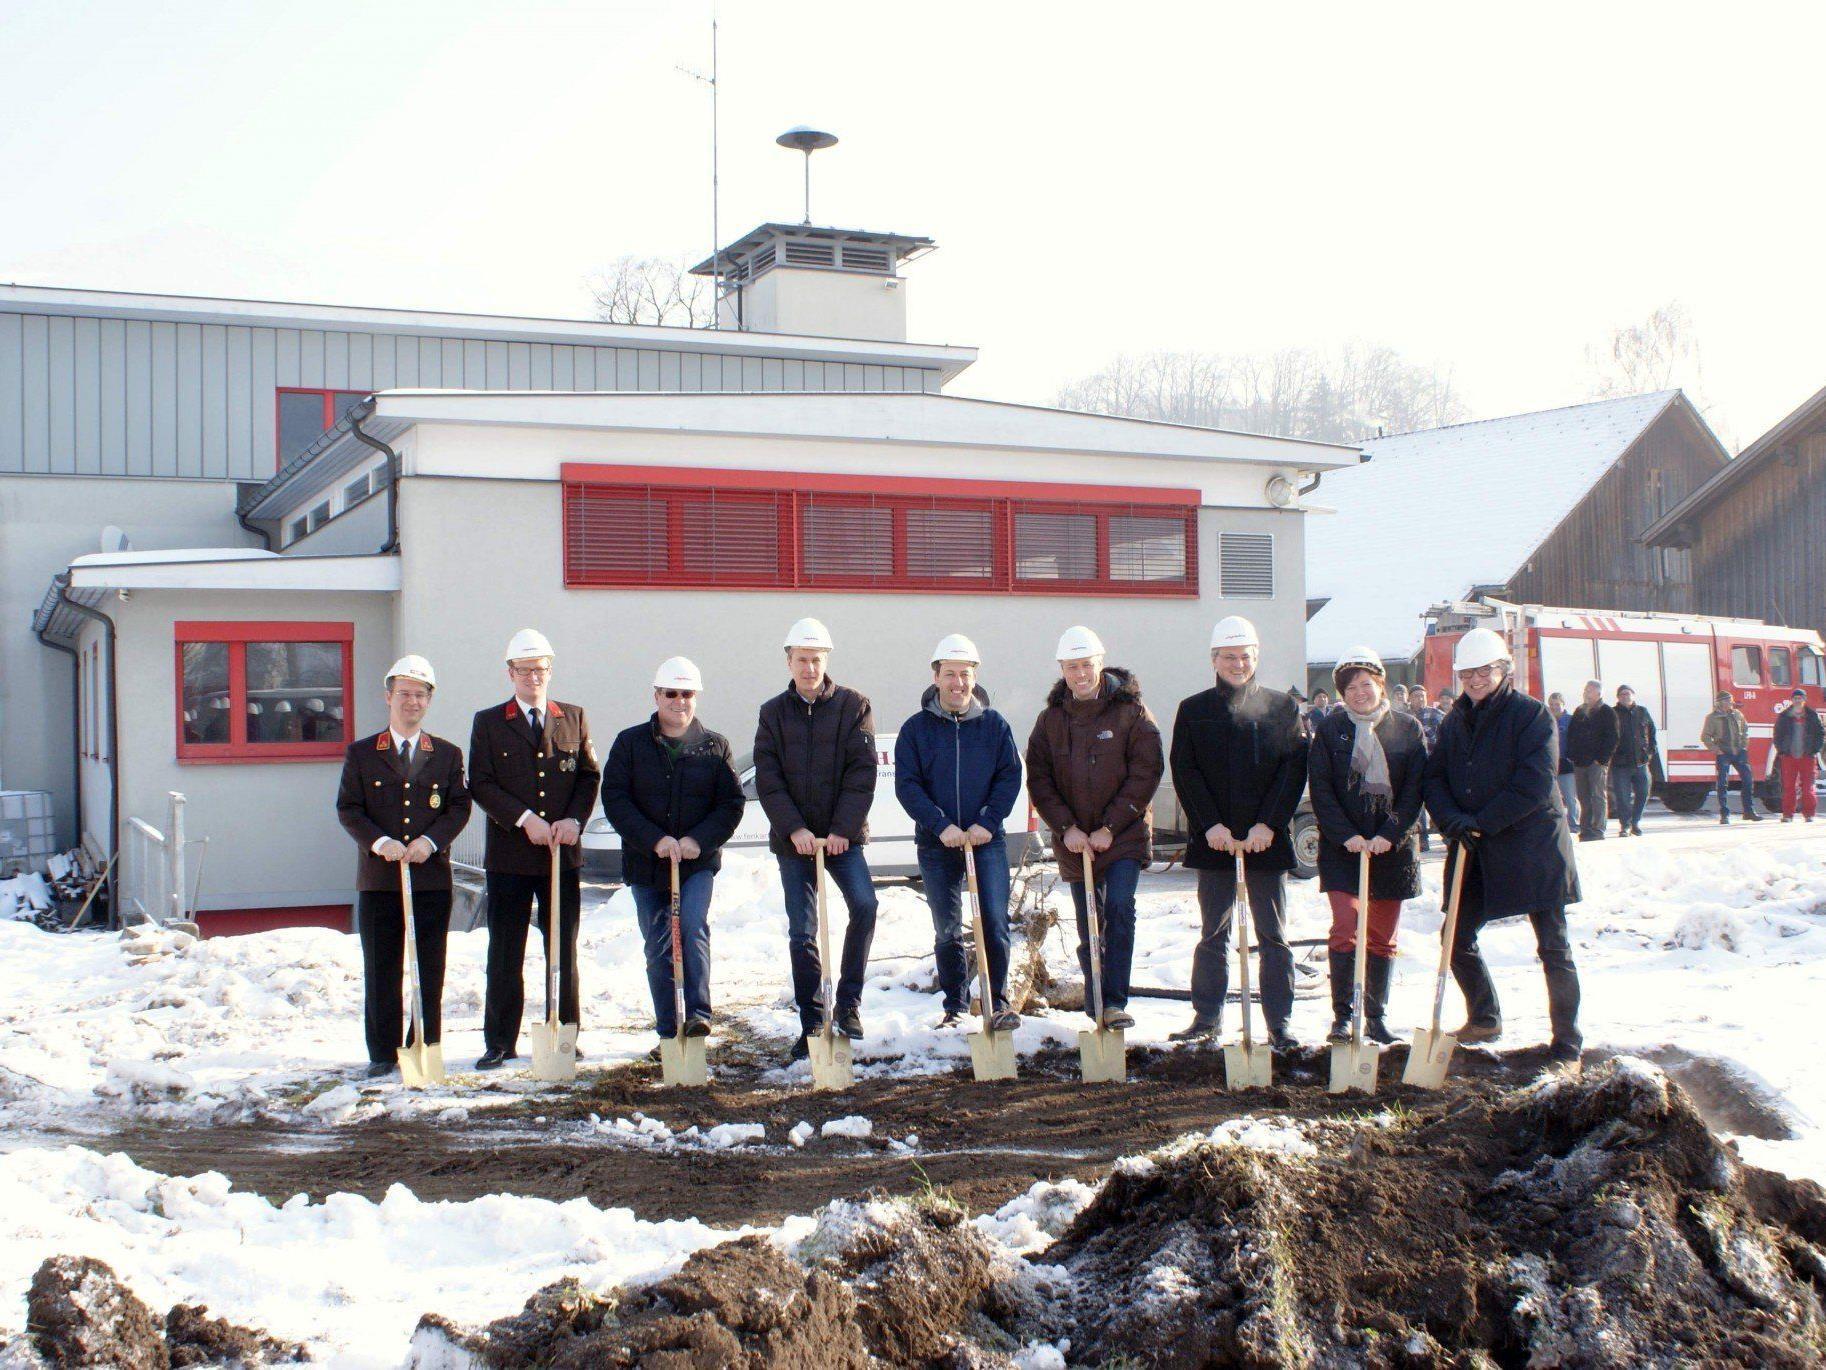 Spatenstich zum Um- und Erweiterungsbau des Schlinser Feuerwehrzentrums.